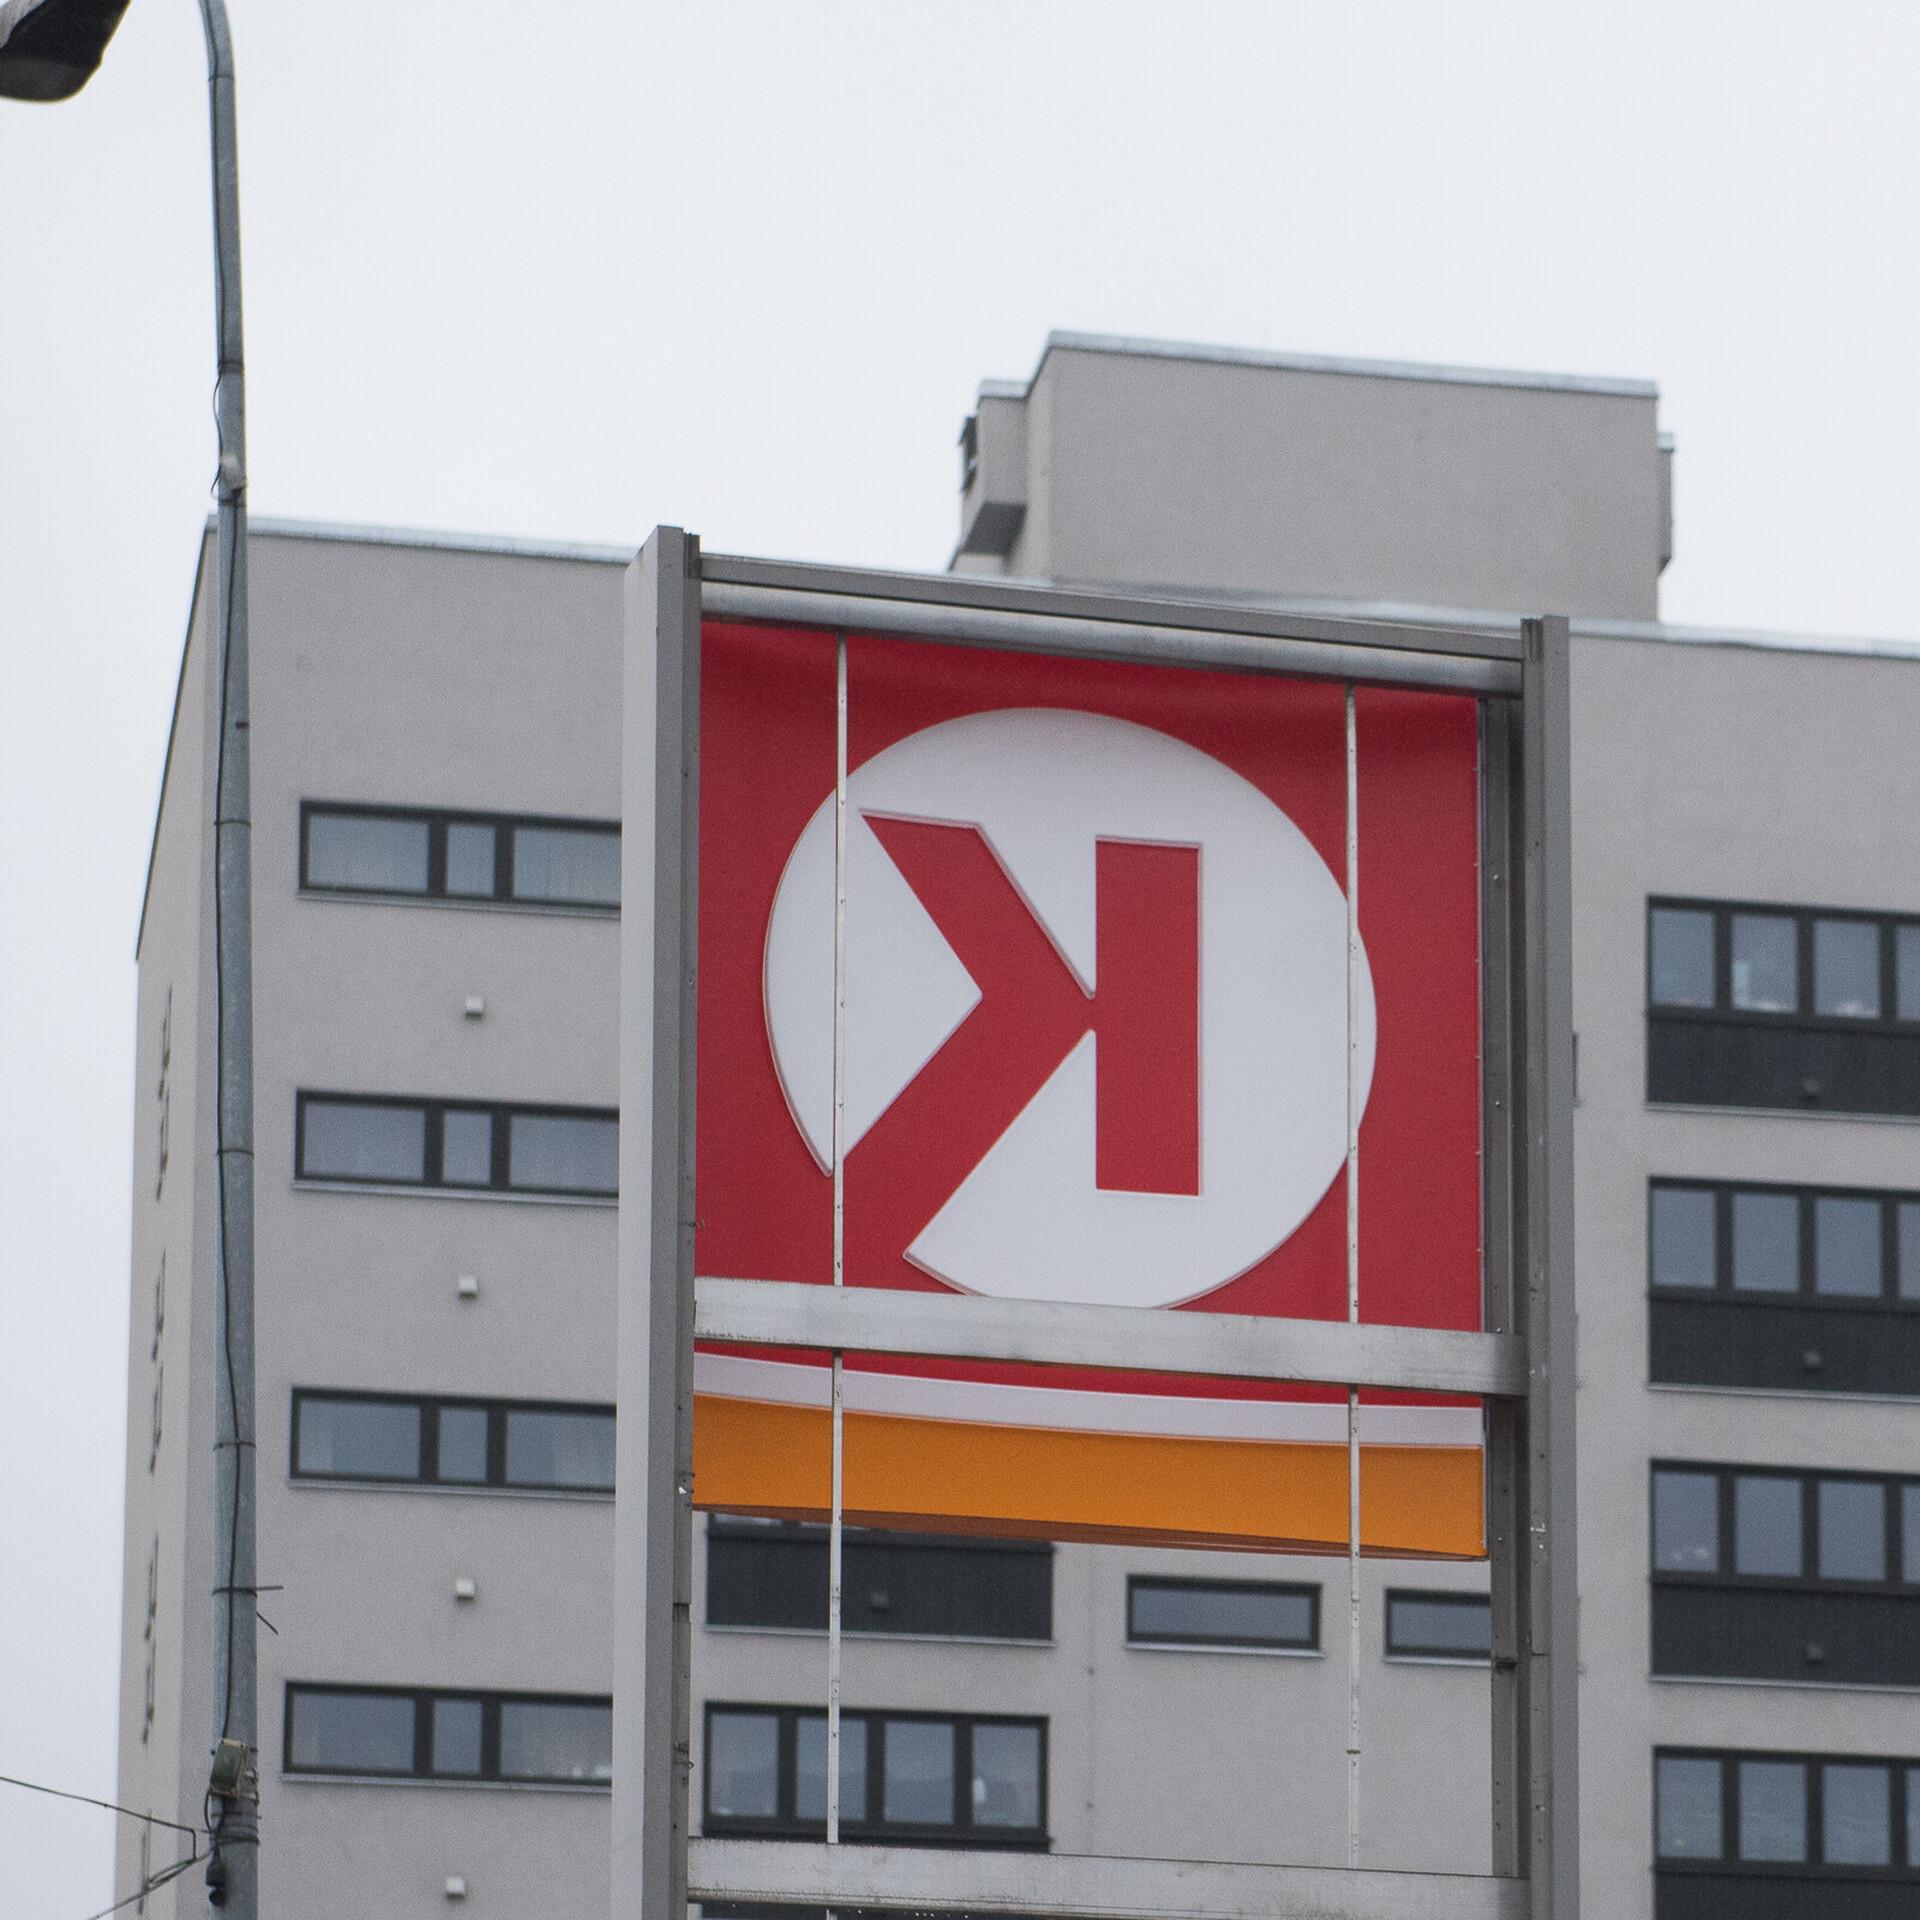 ebfdaa67117 Circle K viis lõpule Statoili kaubamärgi väljavahetamise | Majandus | ERR